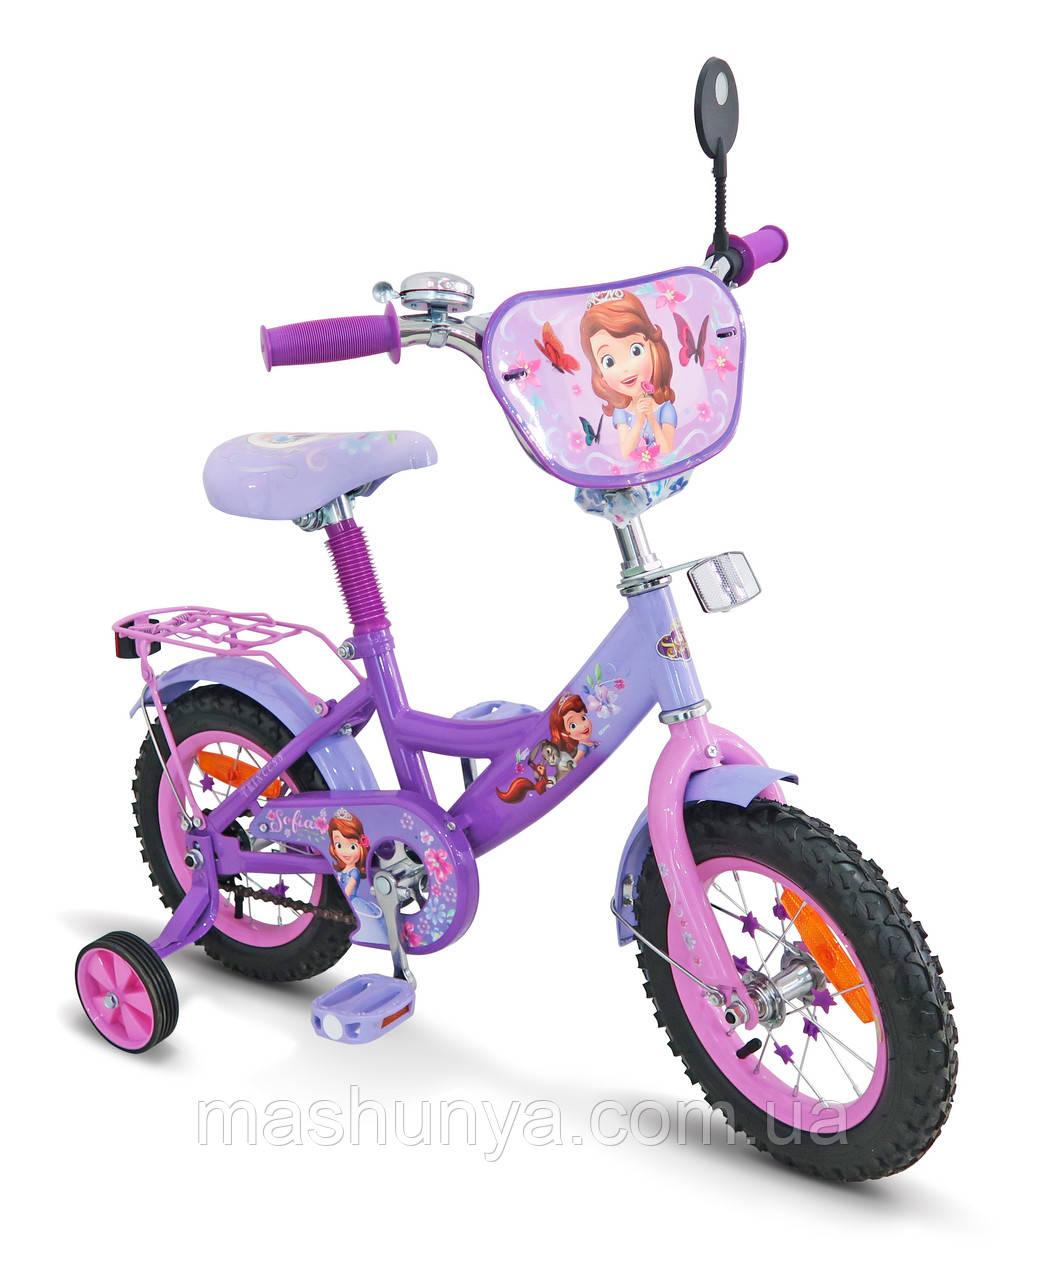 Велосипед дитячий двоколісний Disney Софія 12 дюймів